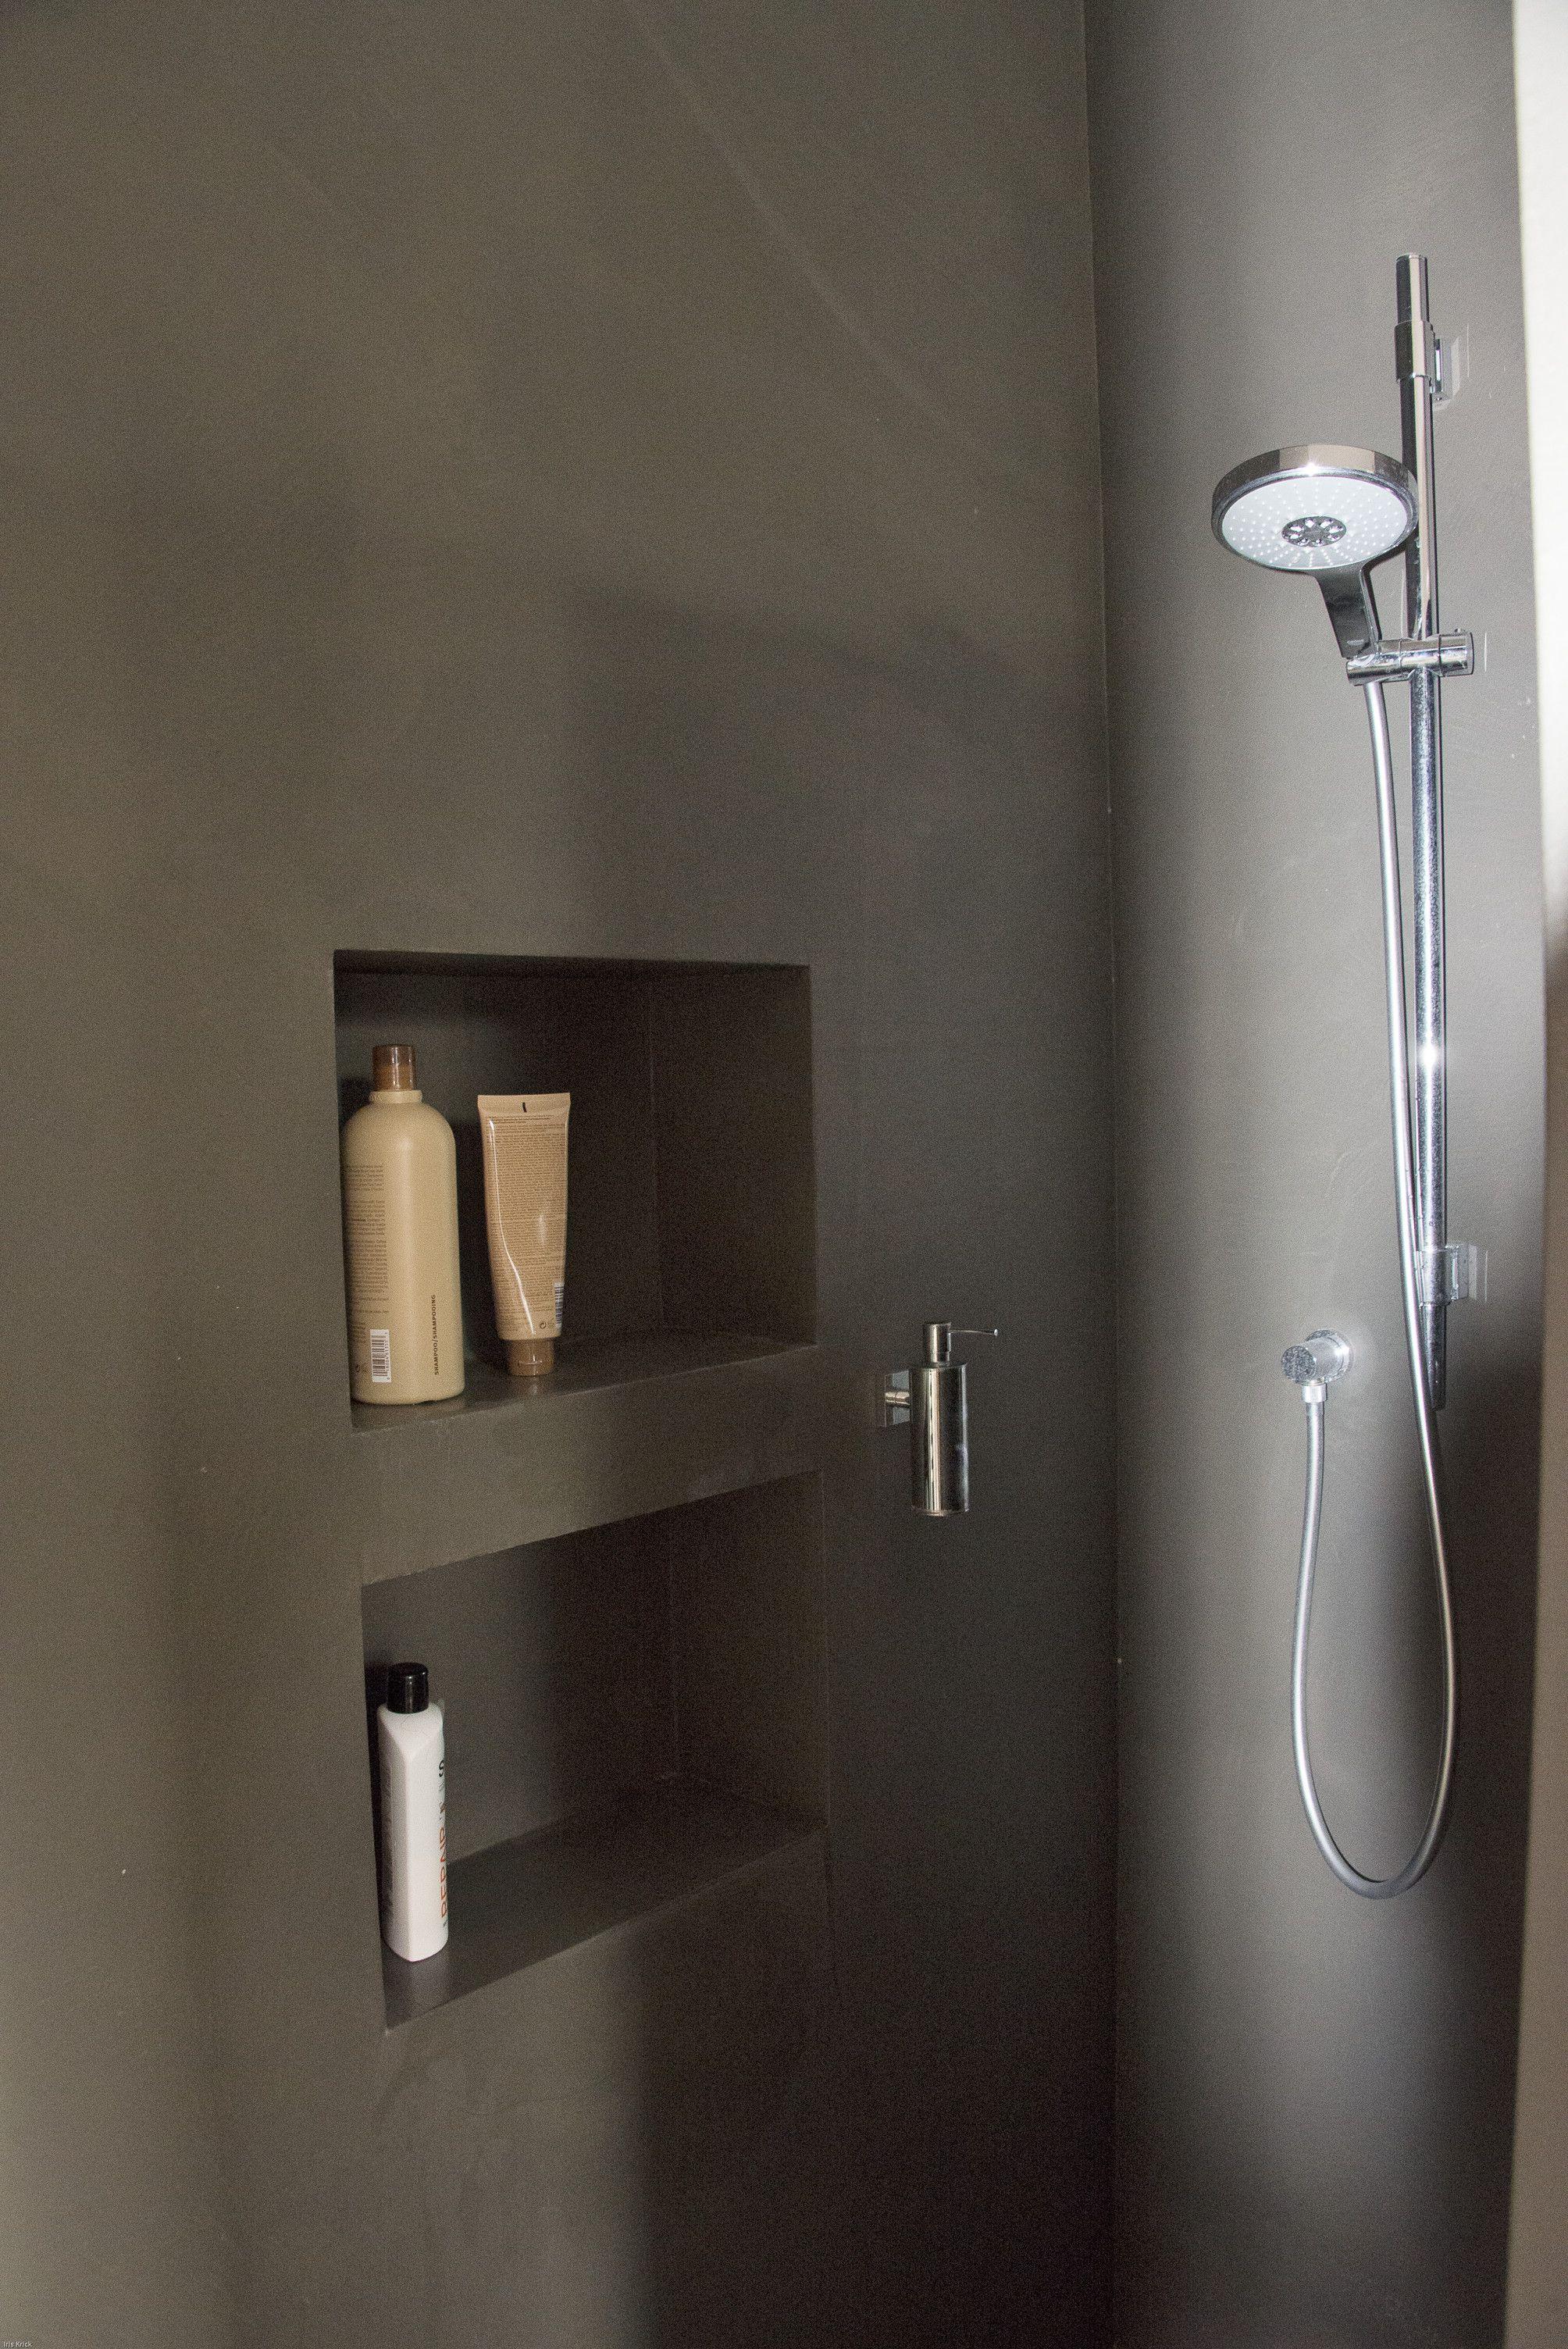 Fugenlose Dusche Mit Nischen Fugenlose Dusche Badezimmerideen Badezimmer